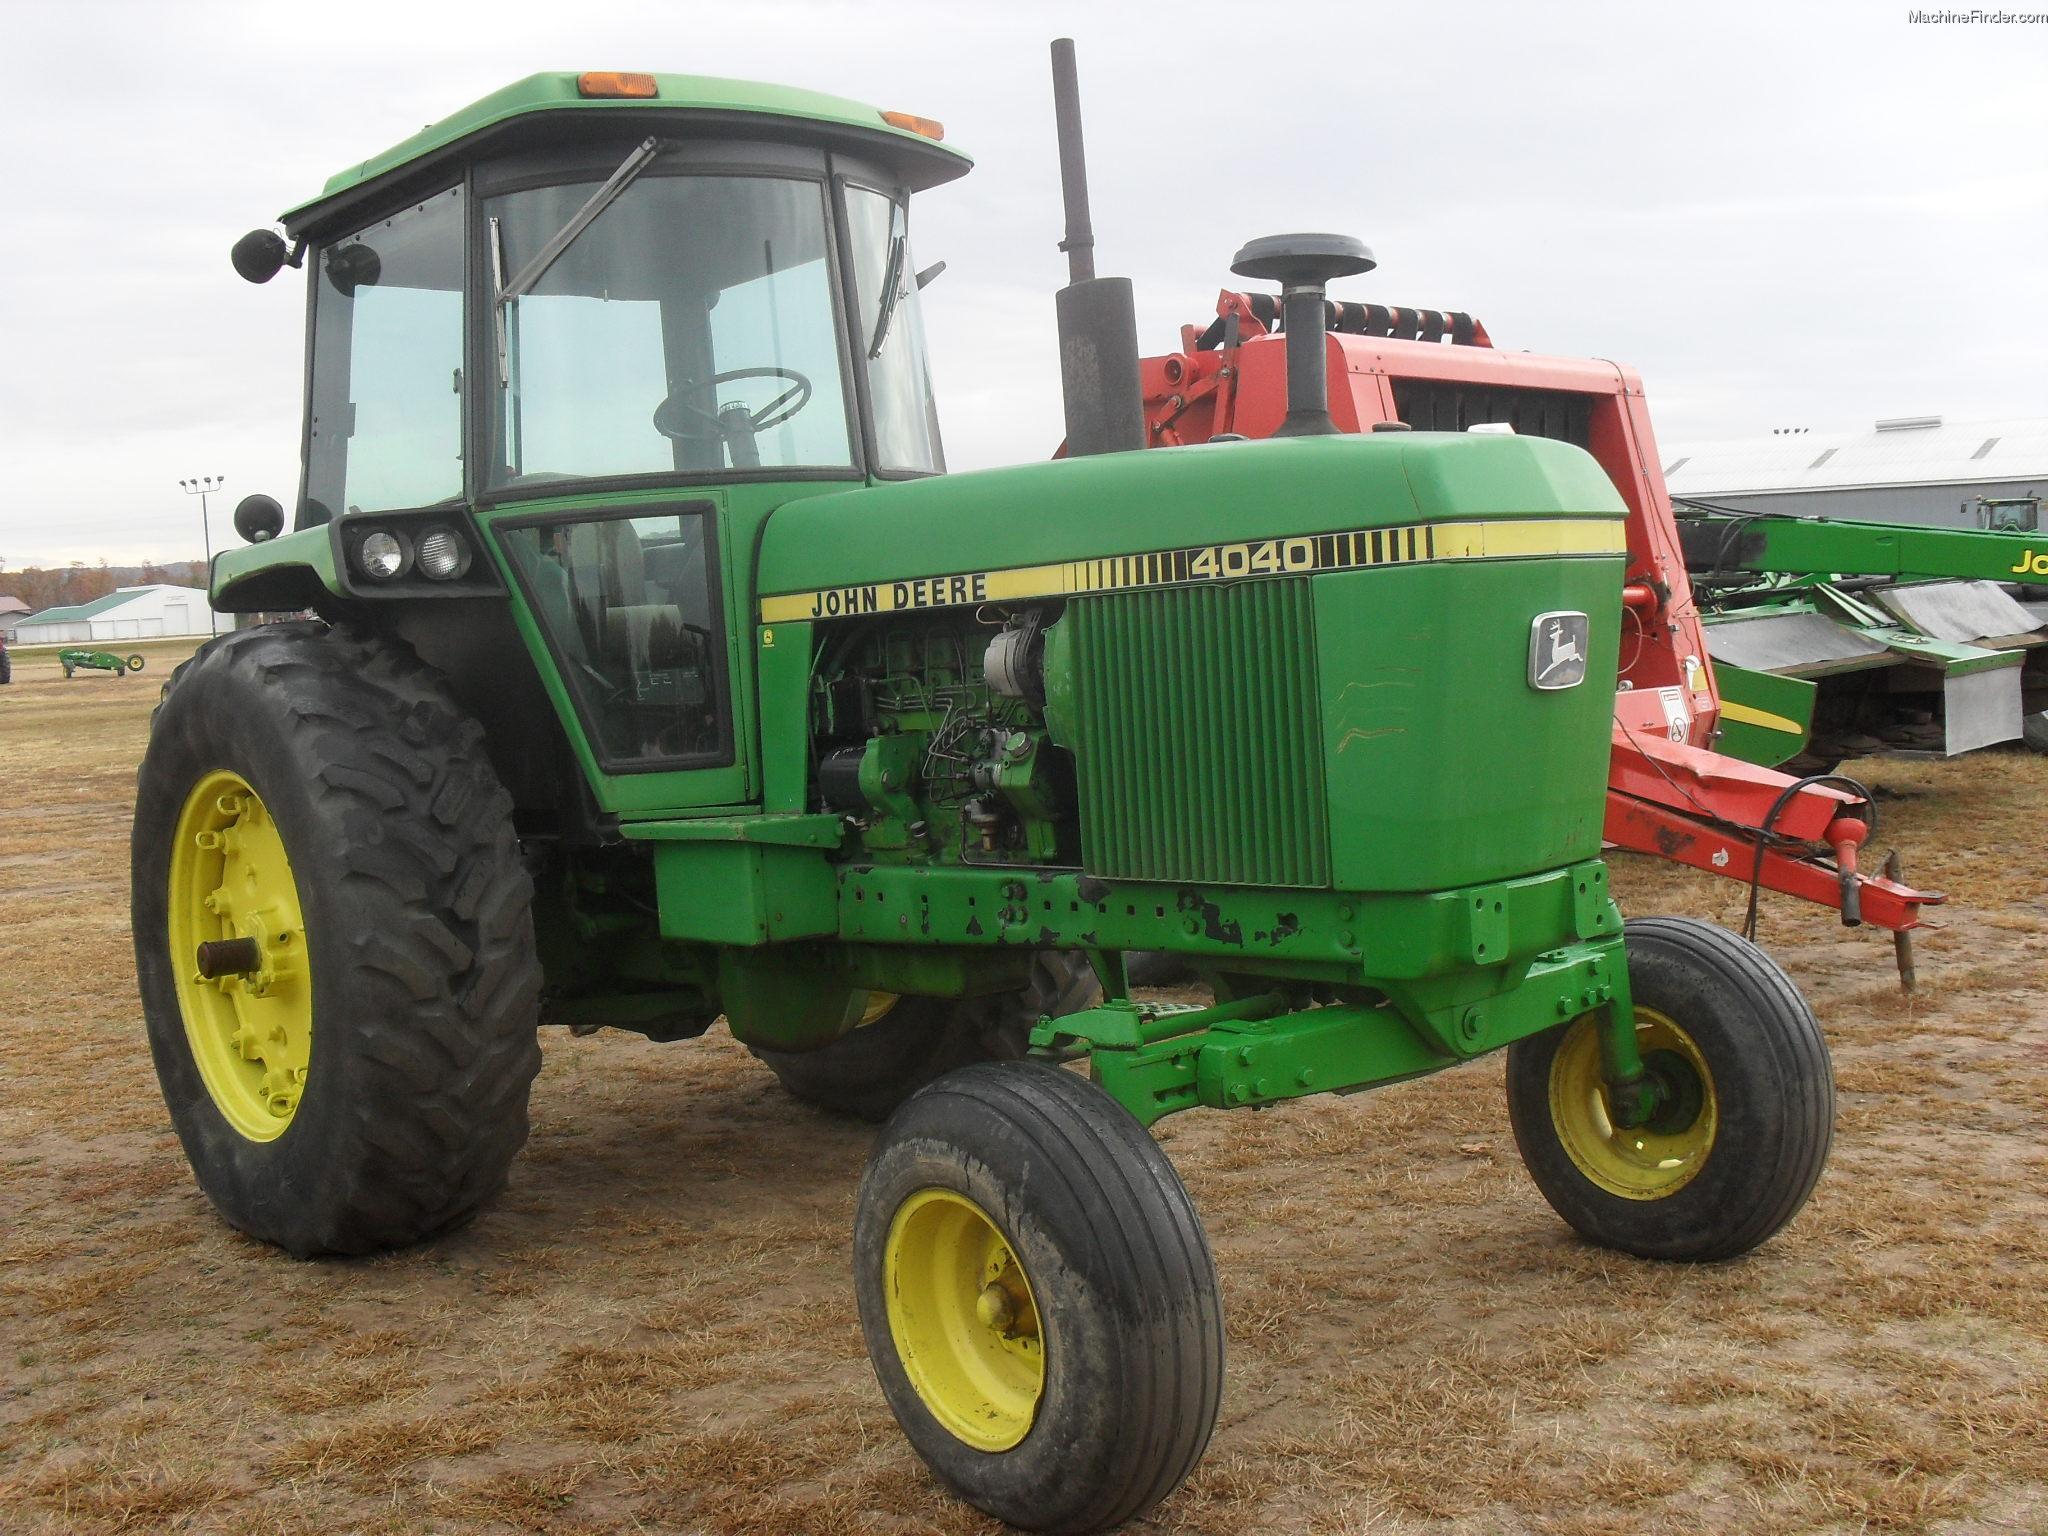 1978 John Deere 4040 Tractors - Row Crop (+100hp) - John ...